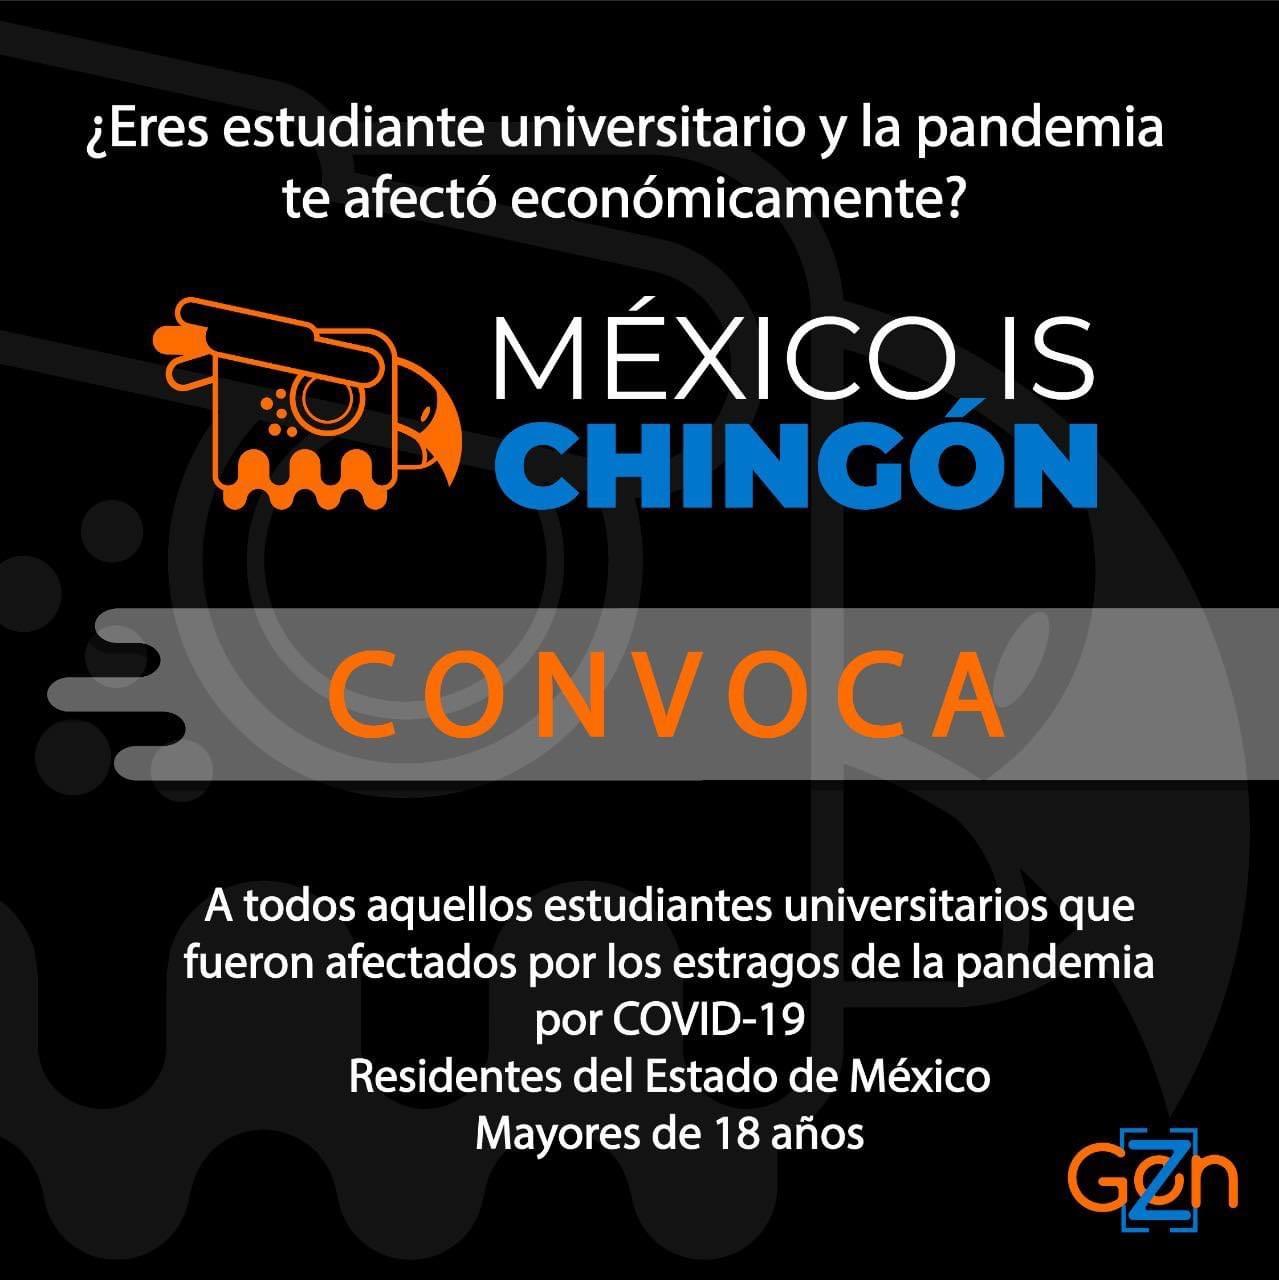 Apoyos económicos a universitarios del Valle de Toluca afectados por estragos del COVID-19